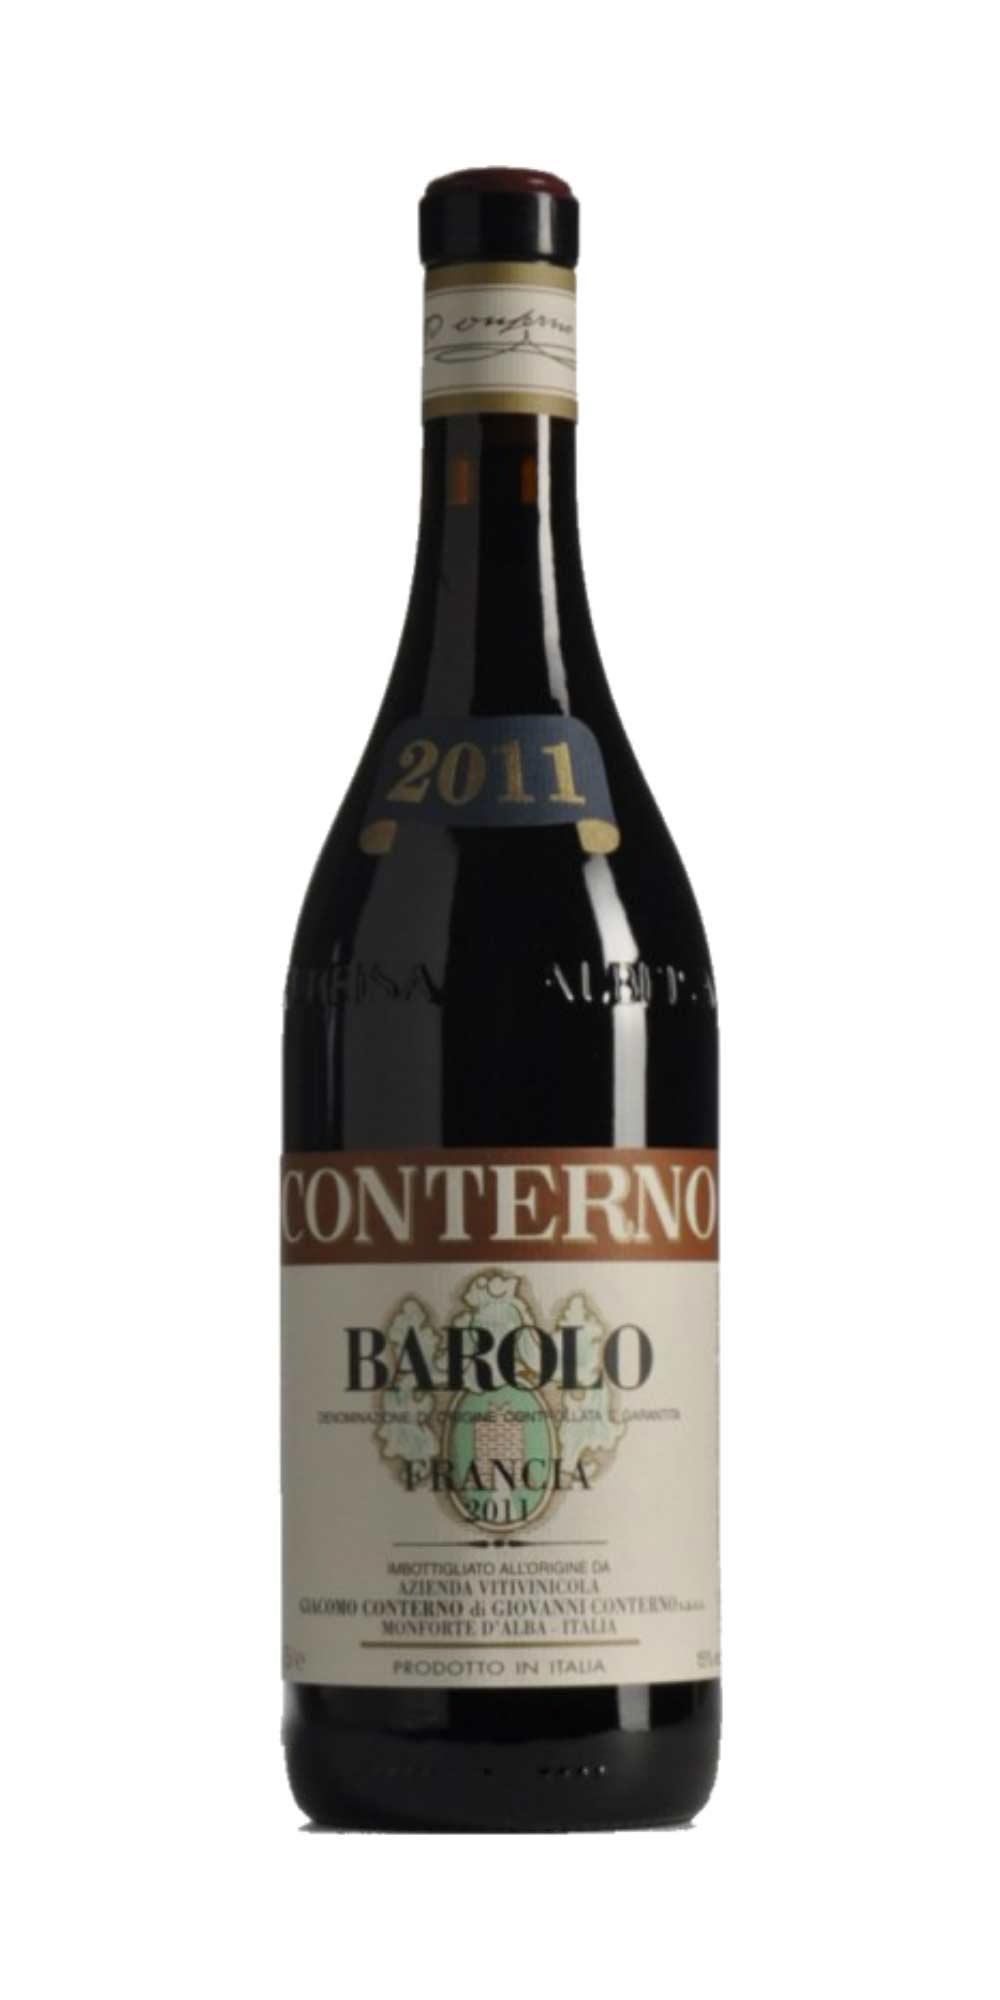 Barolo Cascina Francia 2011 Magnum Conterno Giacomo - Wine il vino